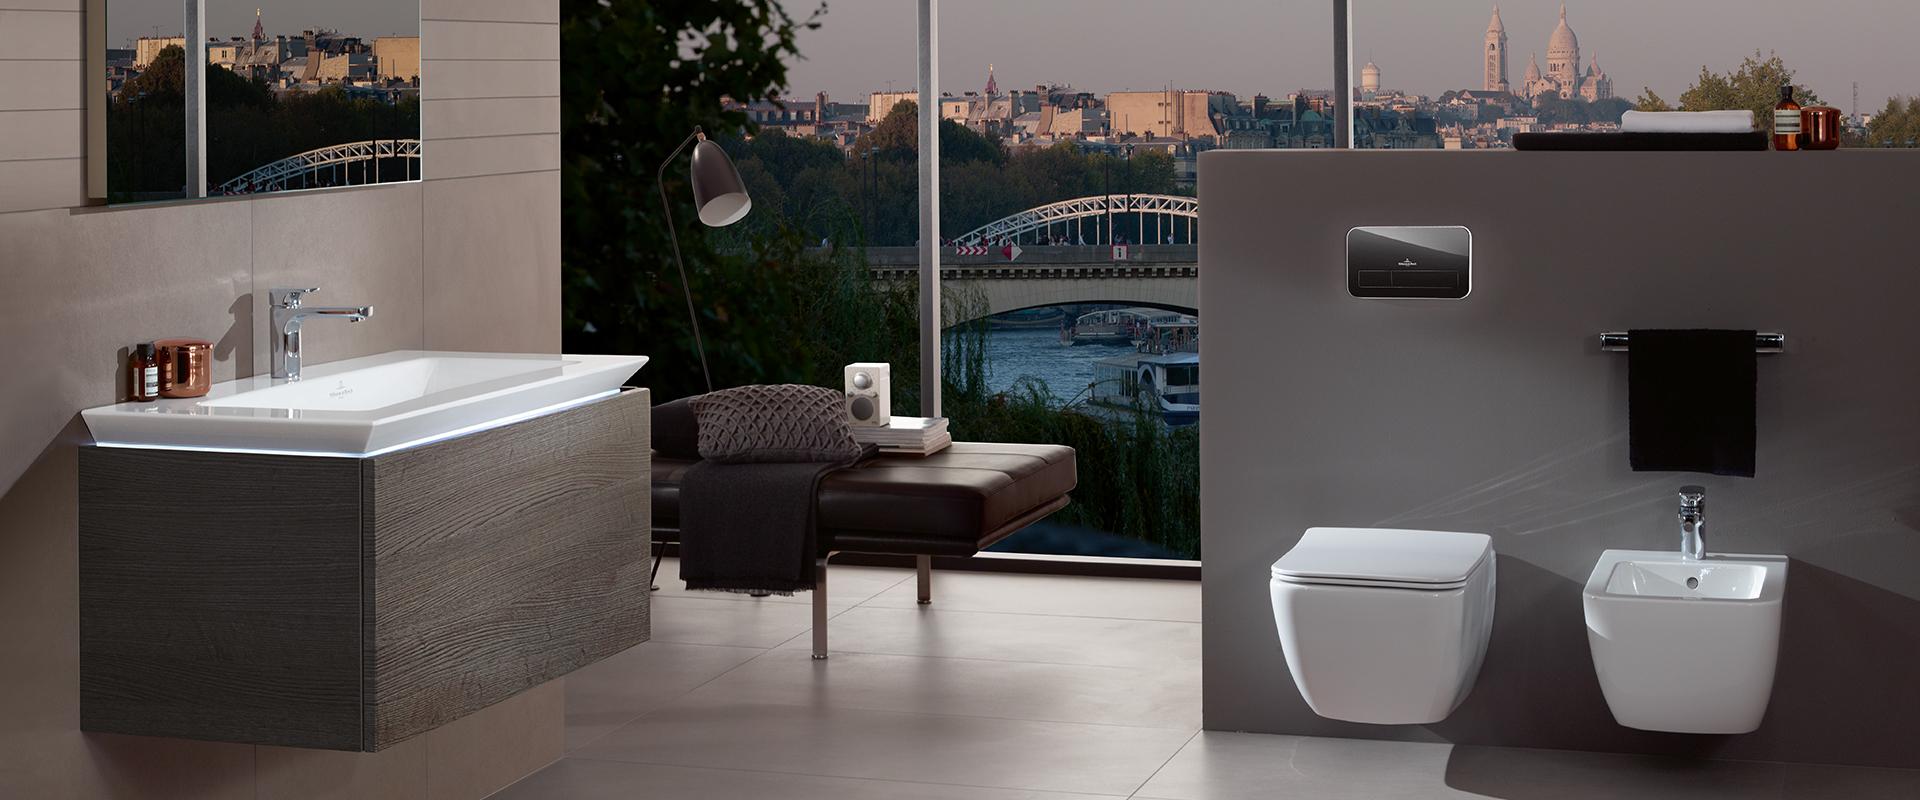 badezimmerschrank weiß günstig online kaufen | real.de. stunning ...